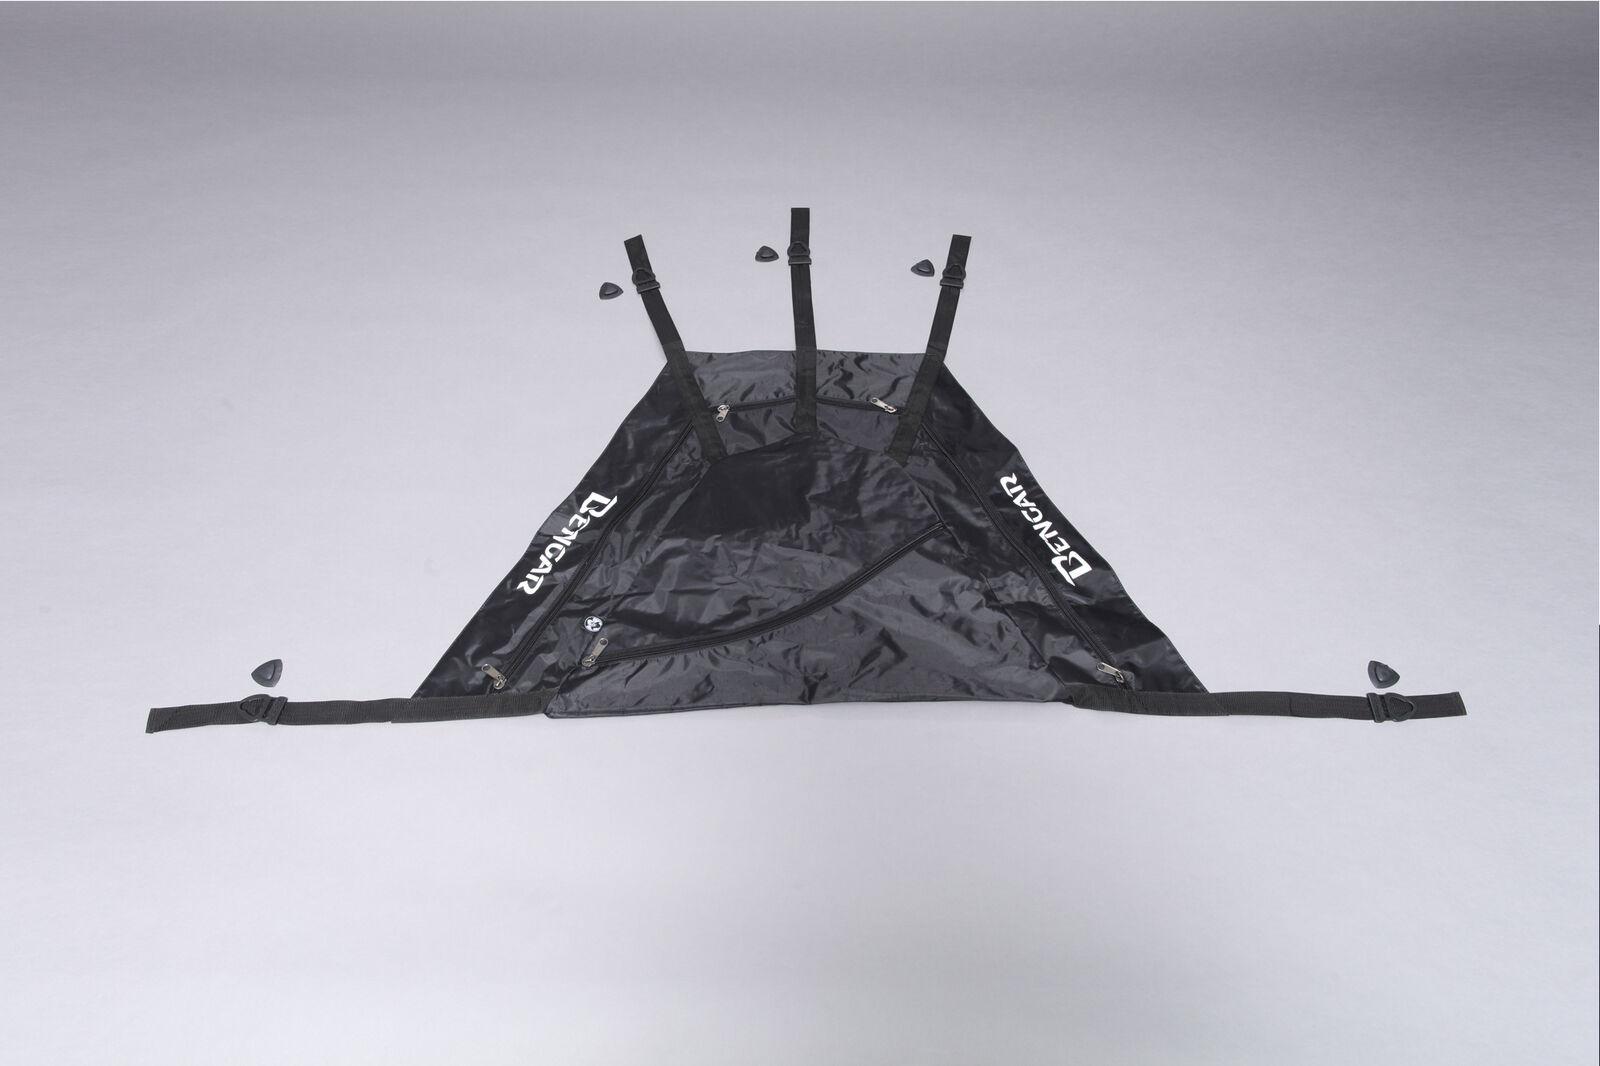 Bugtasche L für 145-170cm breite SchlauchStiefele inkl. Halterungen (L-320, N-320)